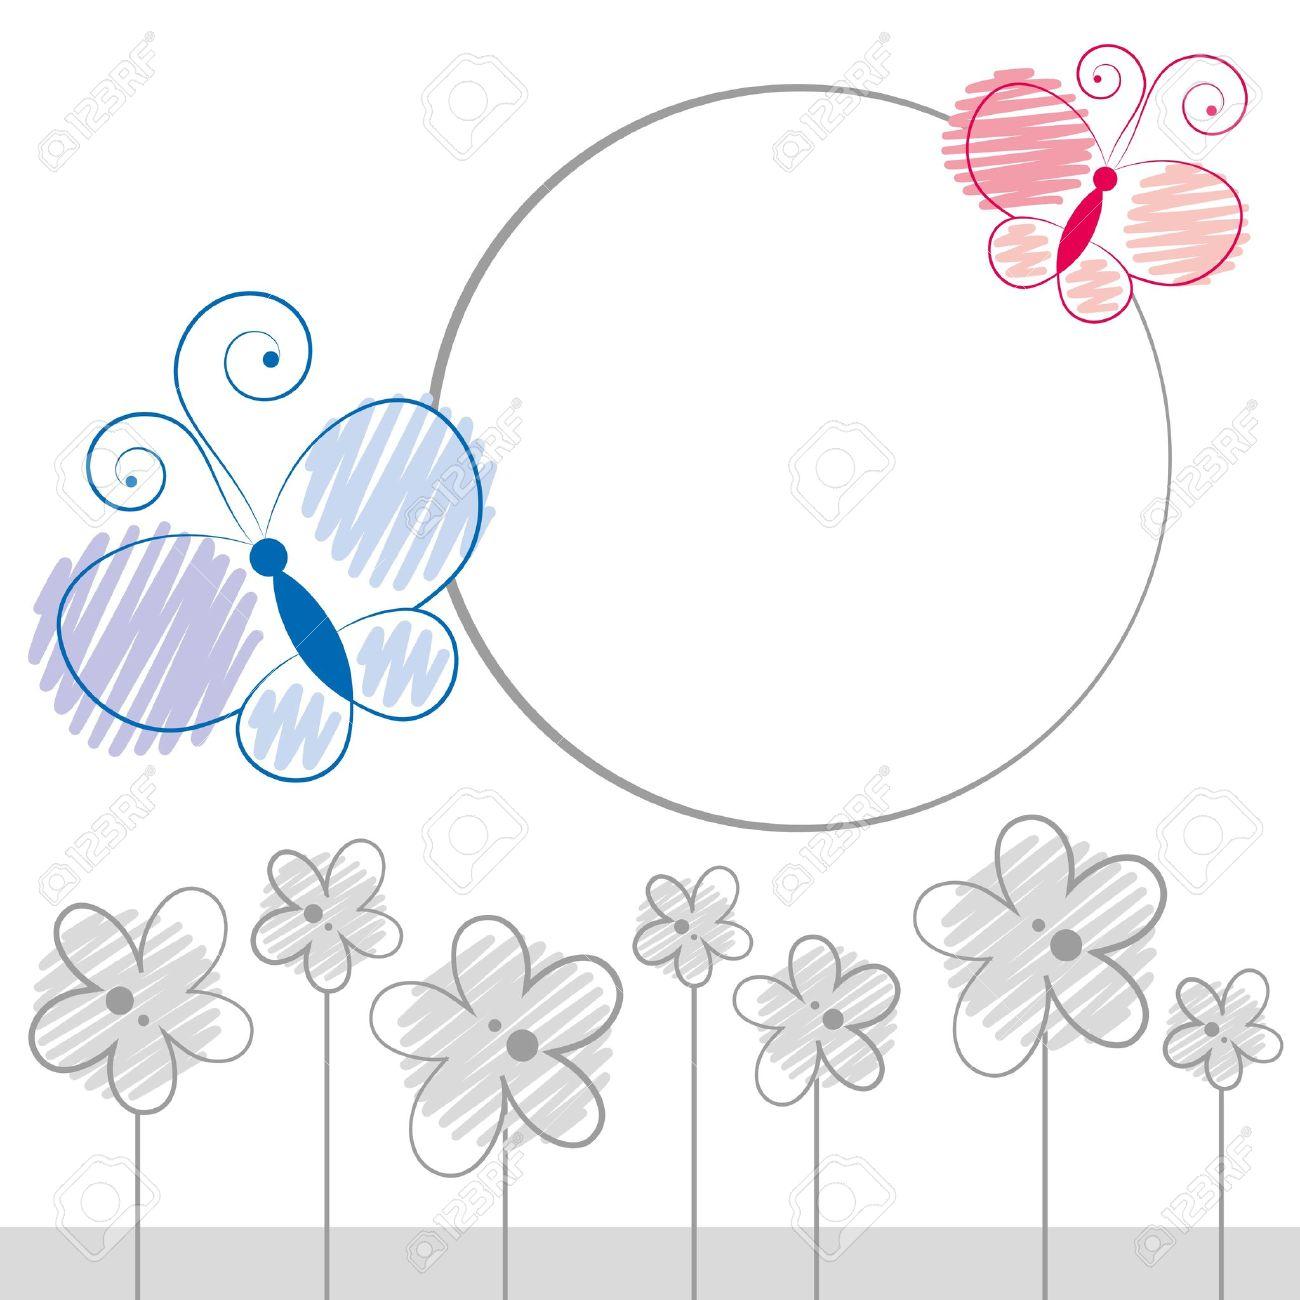 Ilustración Con Mariposas De Color De Dibujos Animados Y Flores Gris